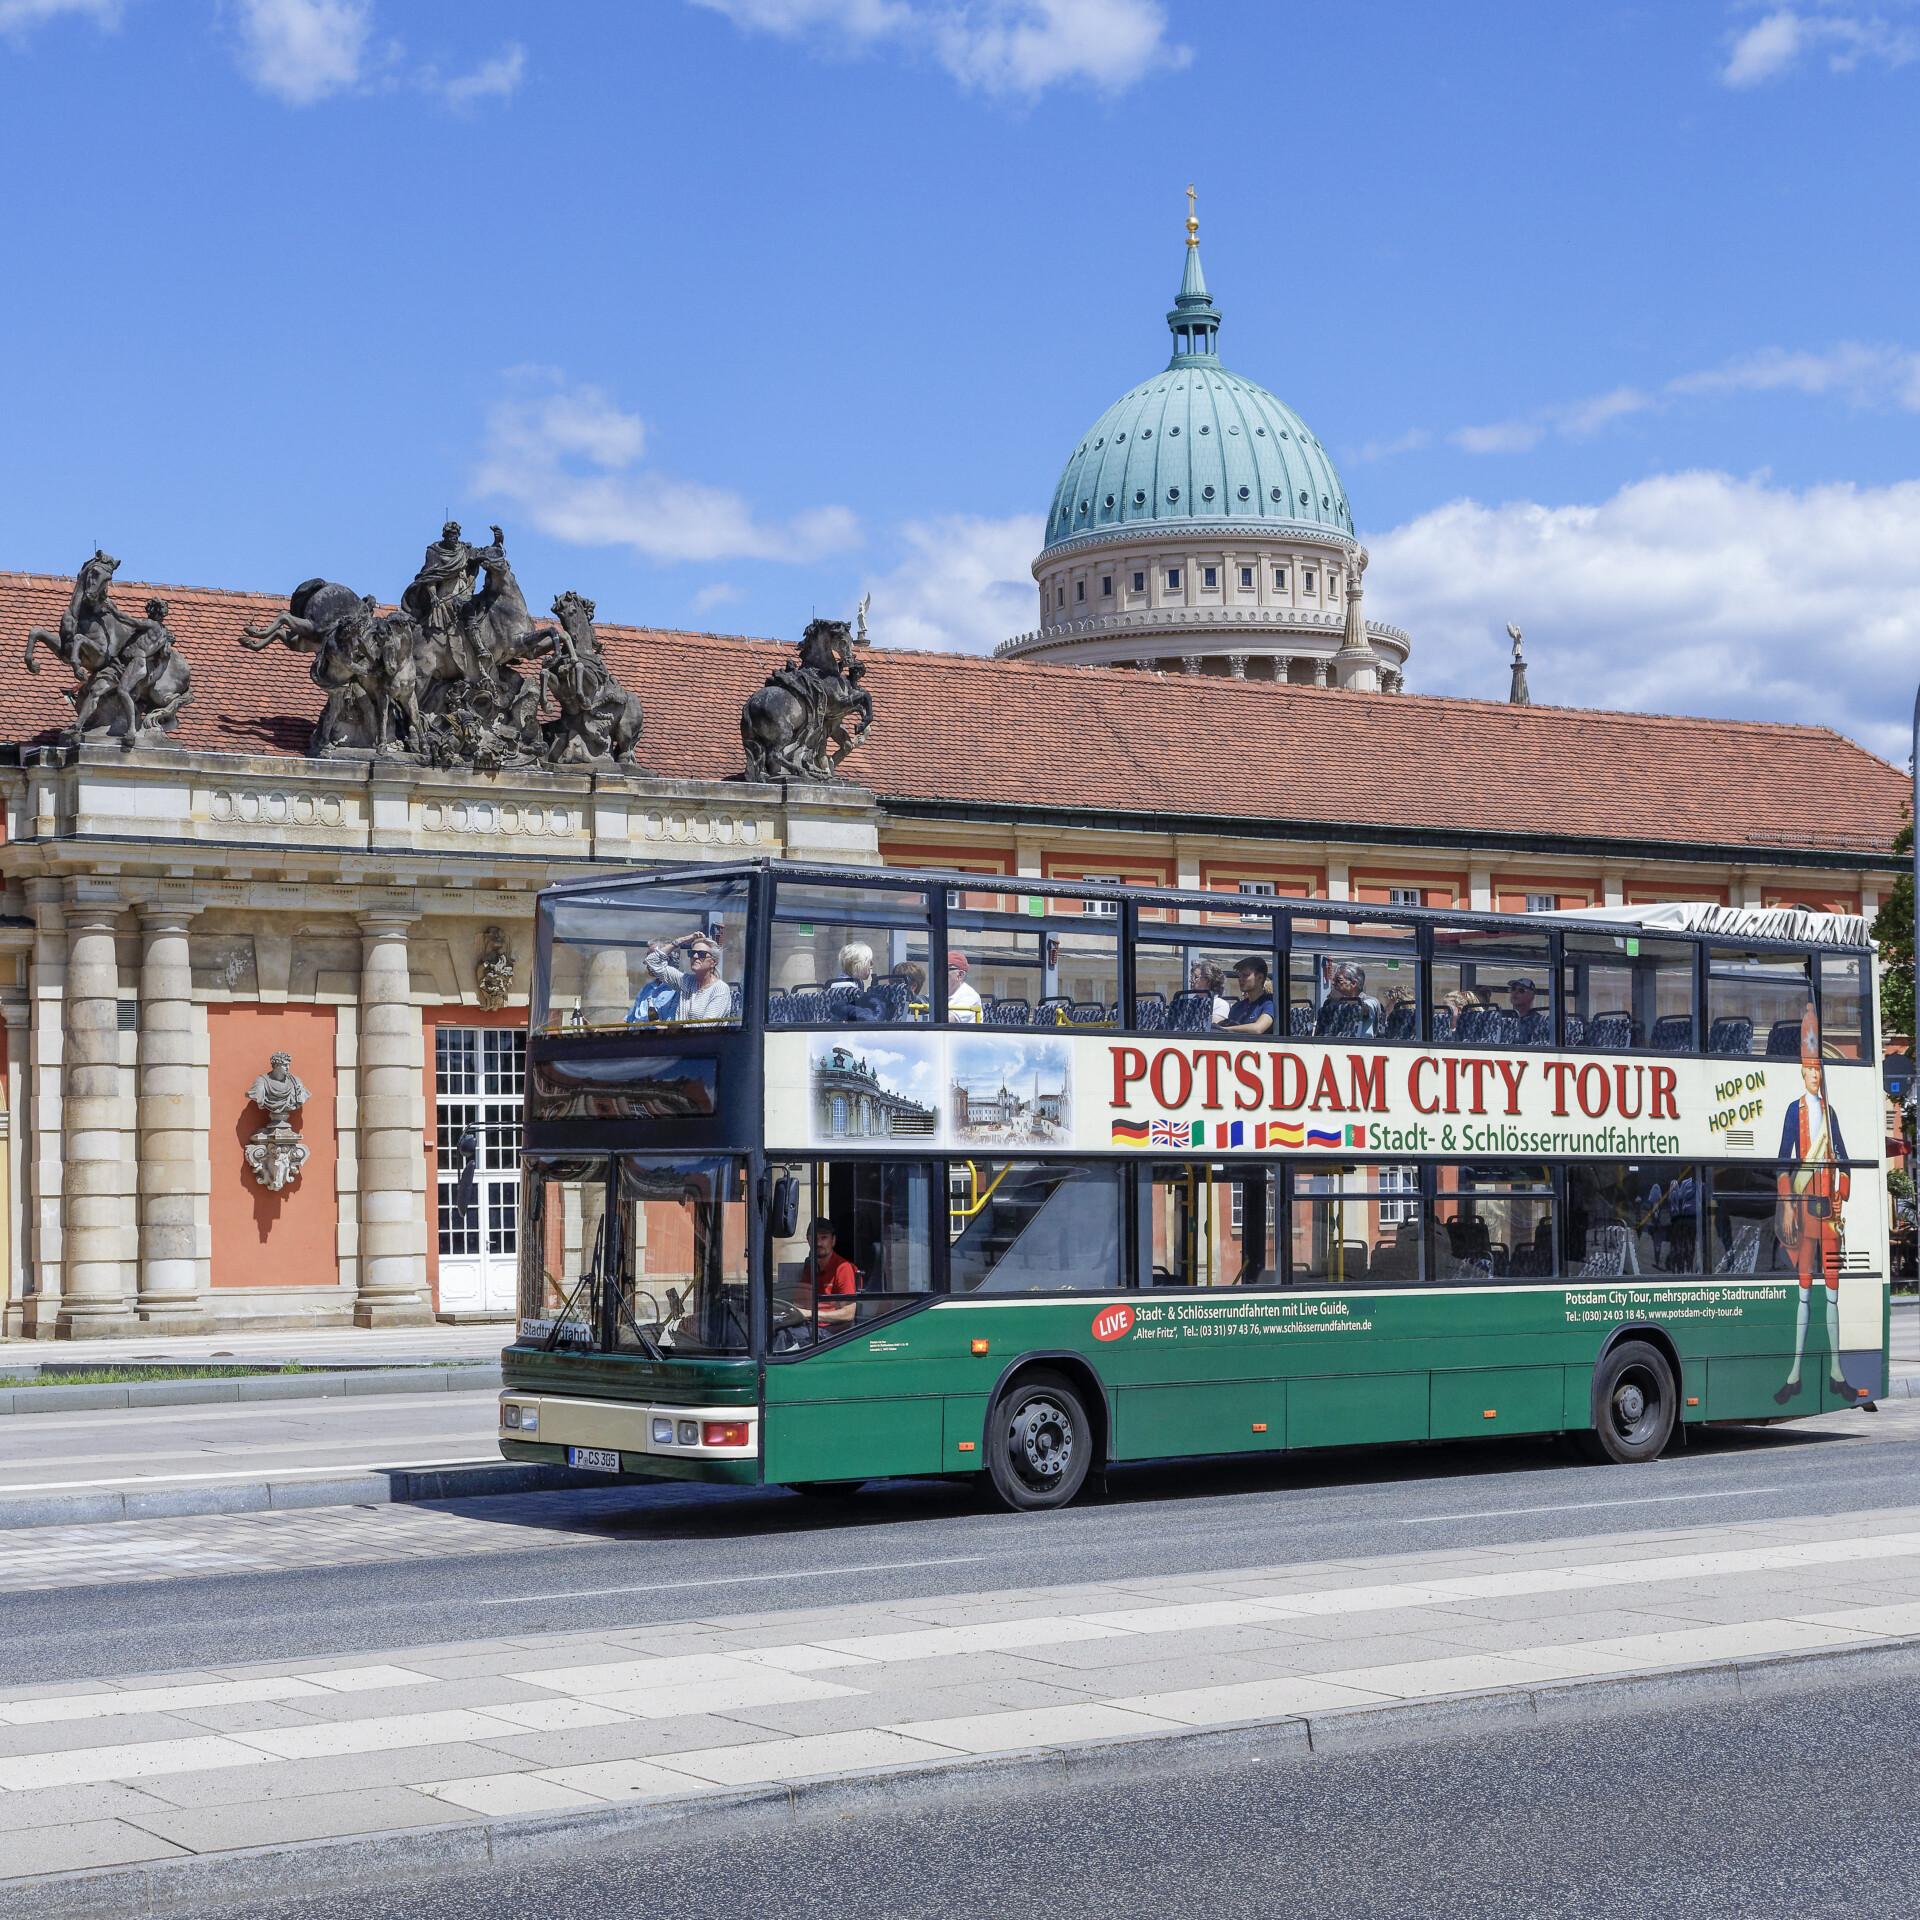 Stadtrundfahrt in Potsdam, Foto: PMSG/ André Stiebitz